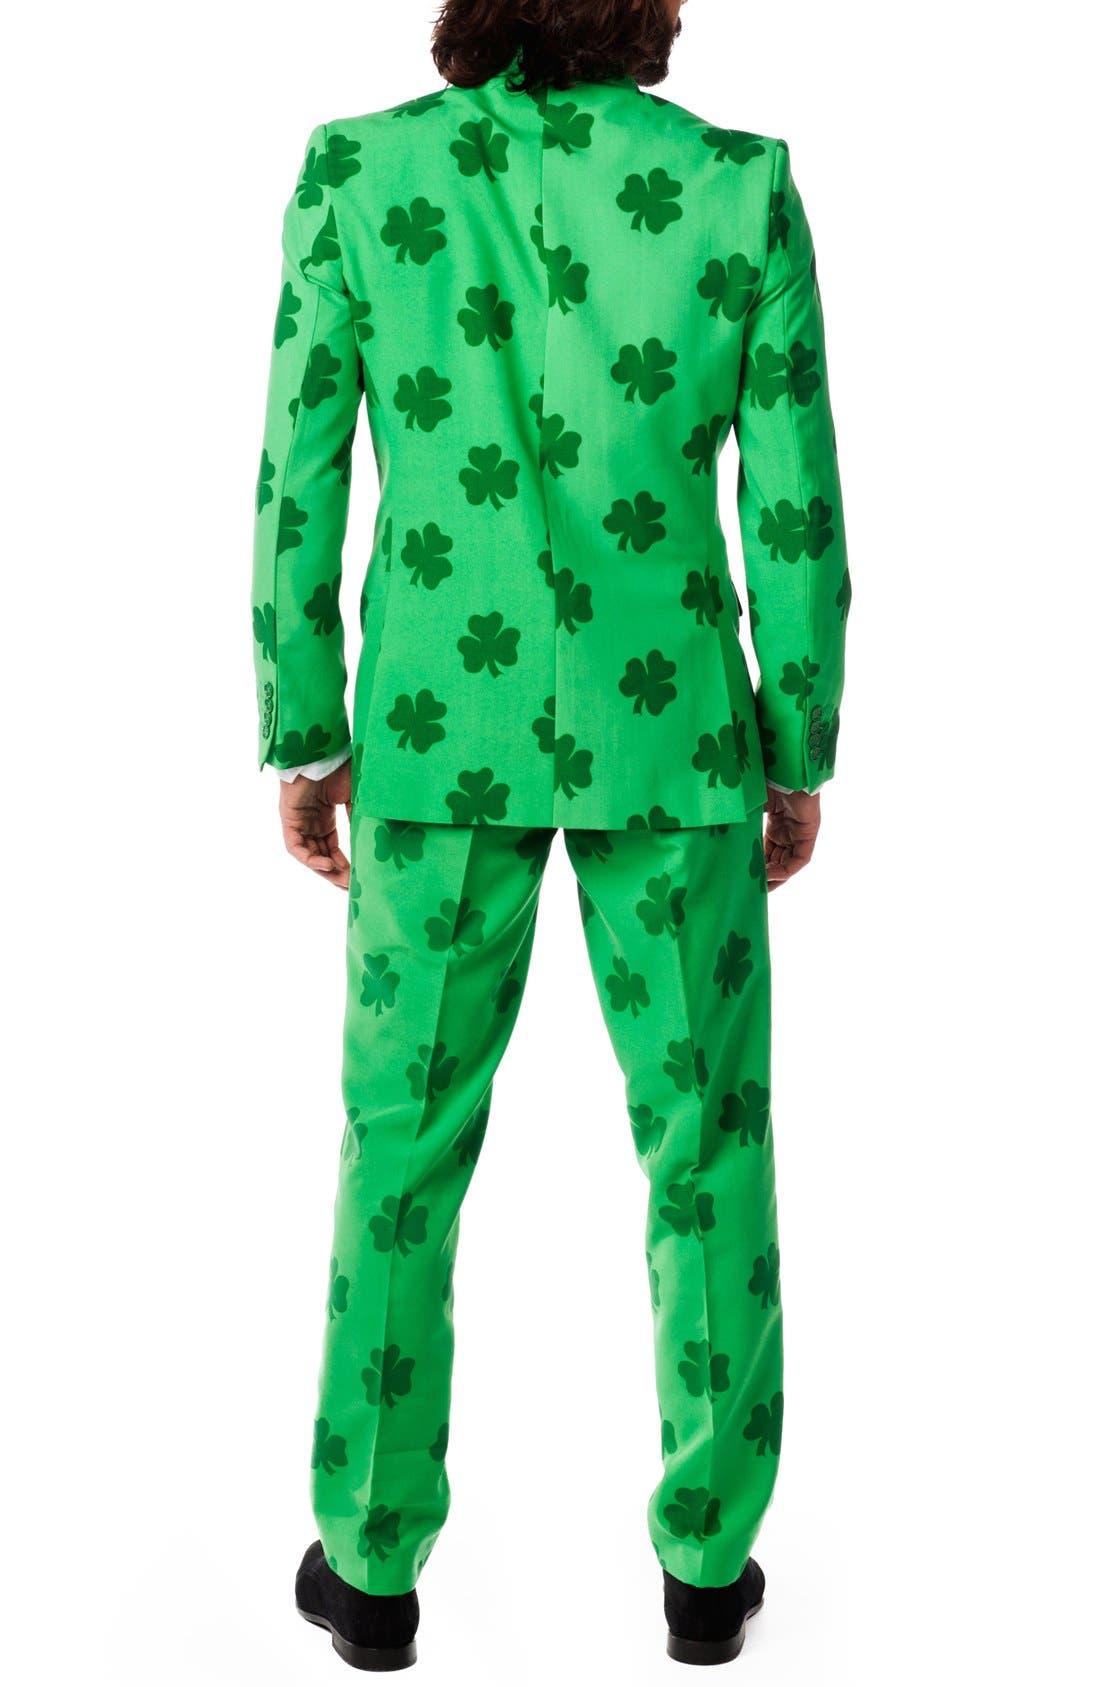 'Patrick' Trim Fit Two-Piece Suit with Tie,                             Alternate thumbnail 5, color,                             320